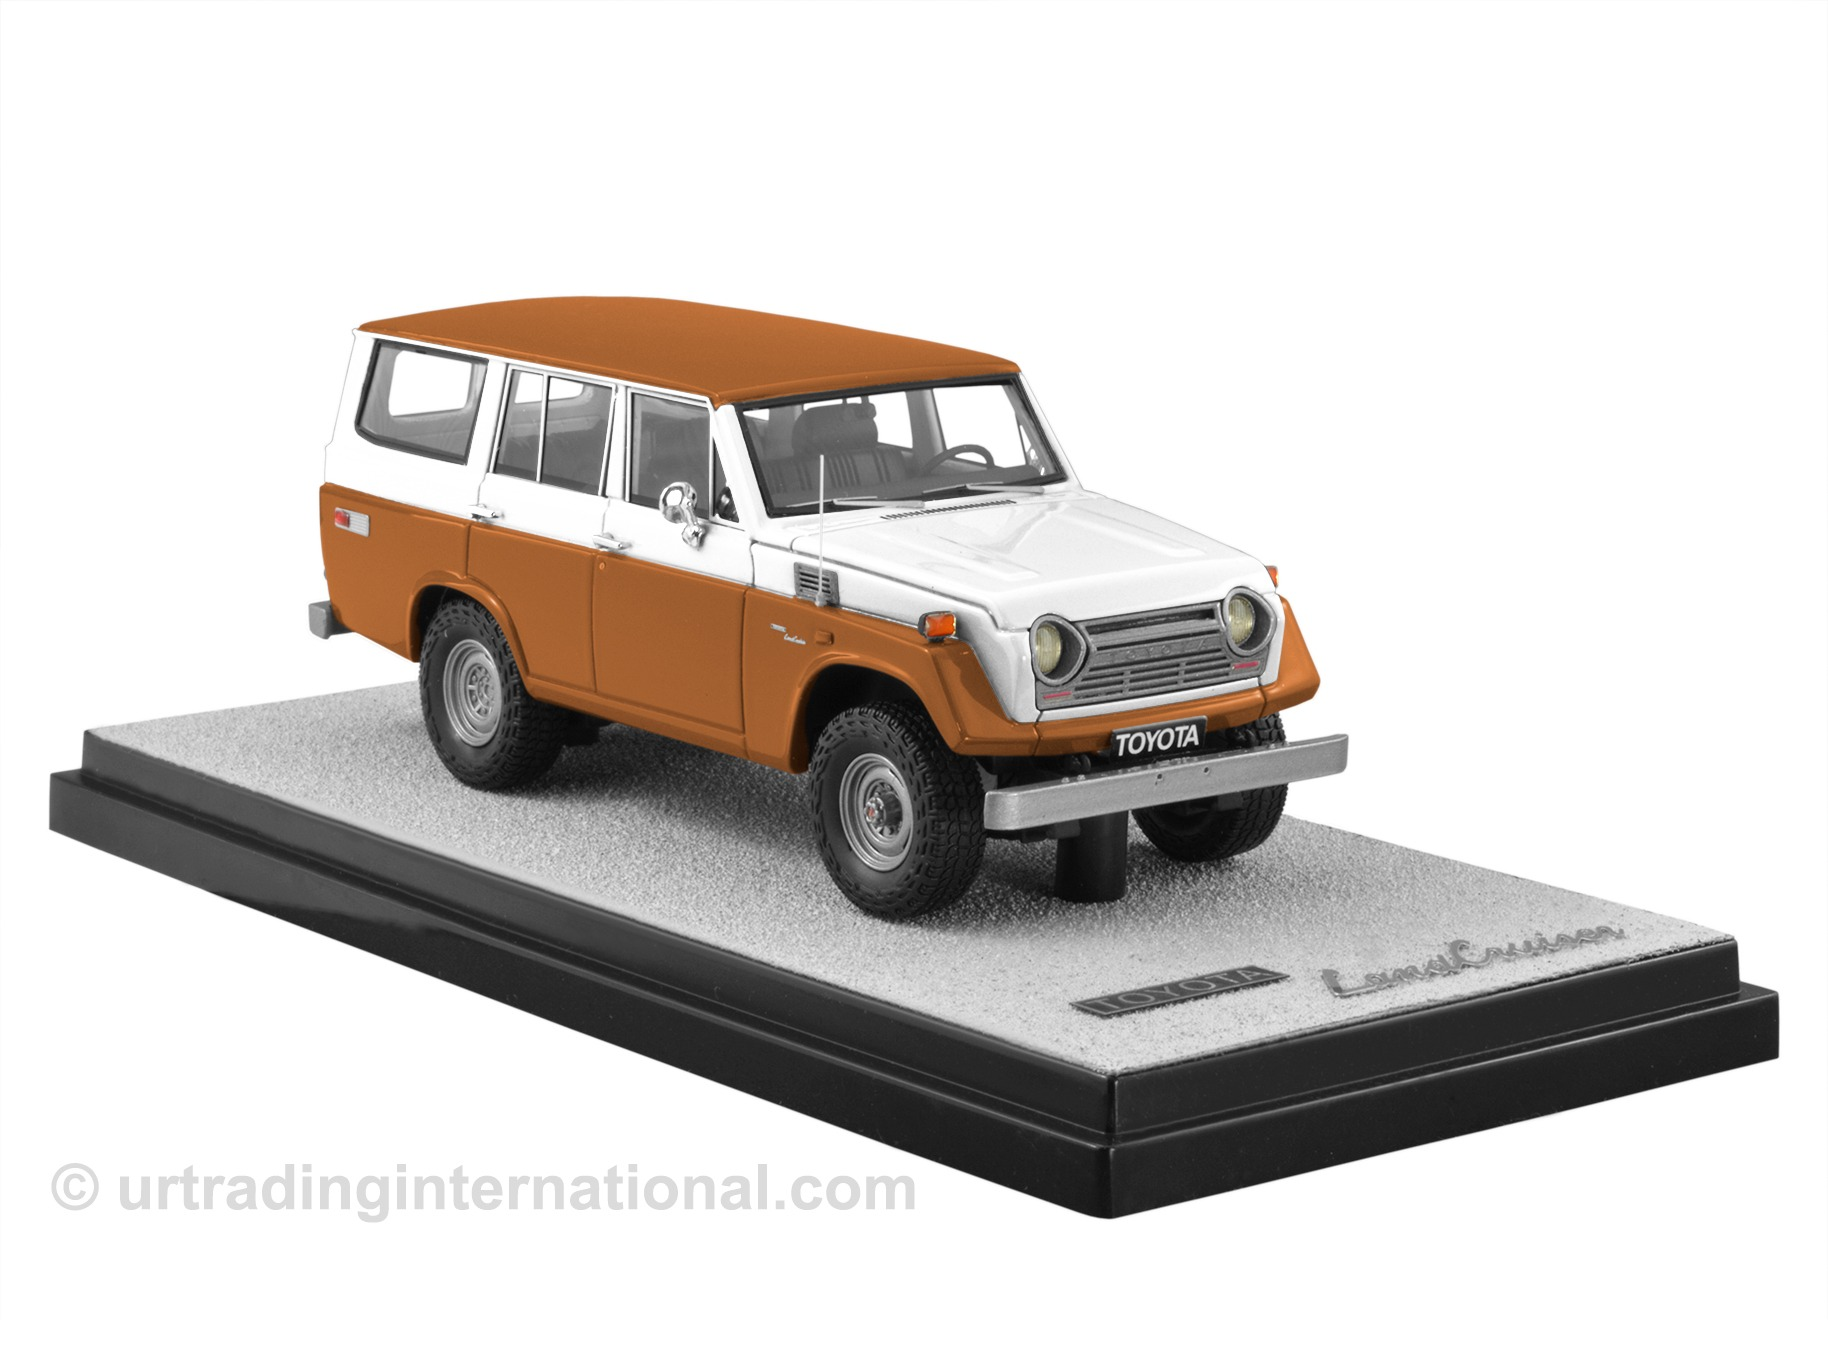 1974 Toyota Land Cruiser FJ55 – Pueblo Brown/White LHD